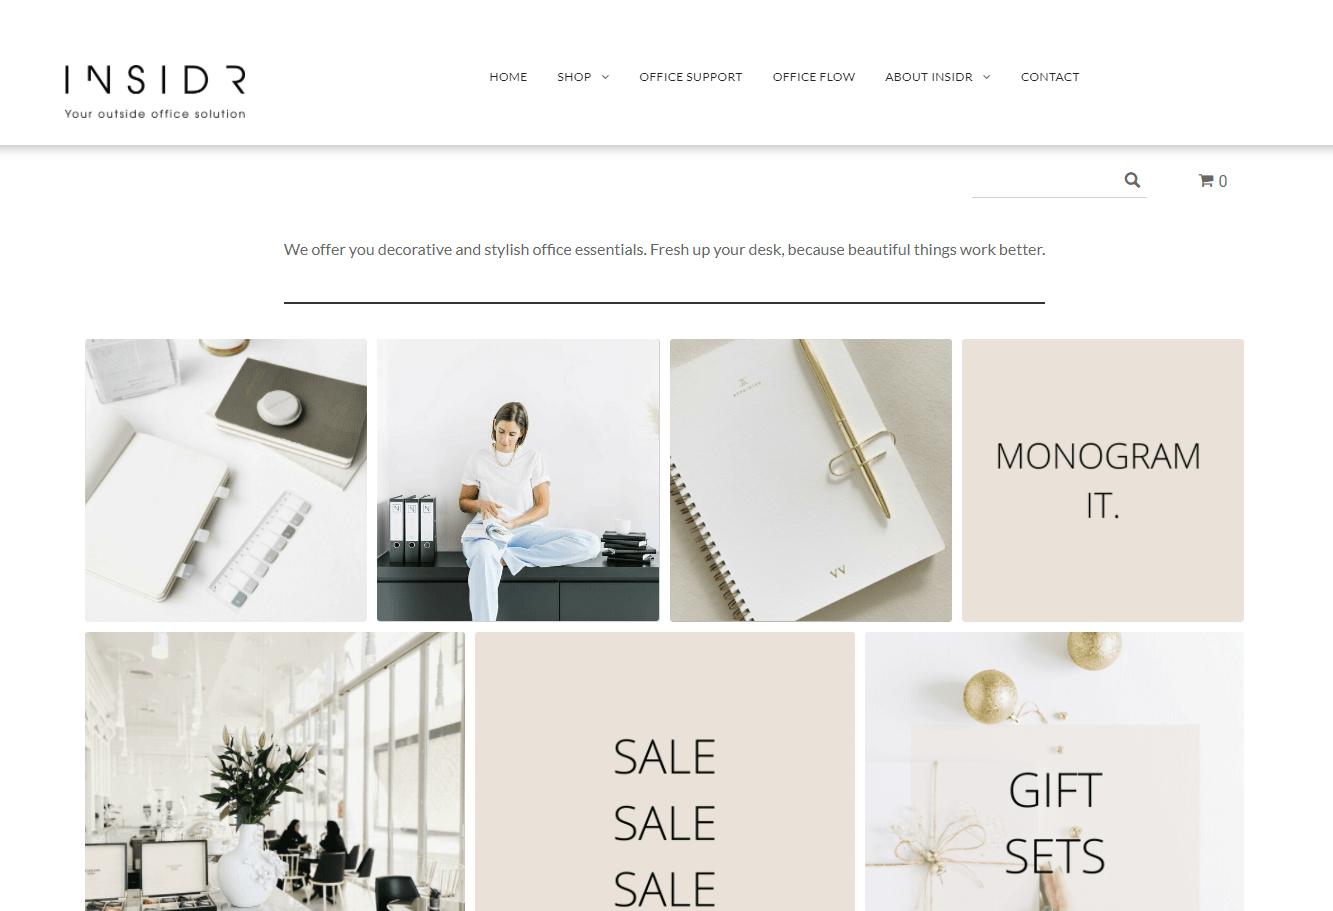 INSIDR webshop products - ShopBuilder